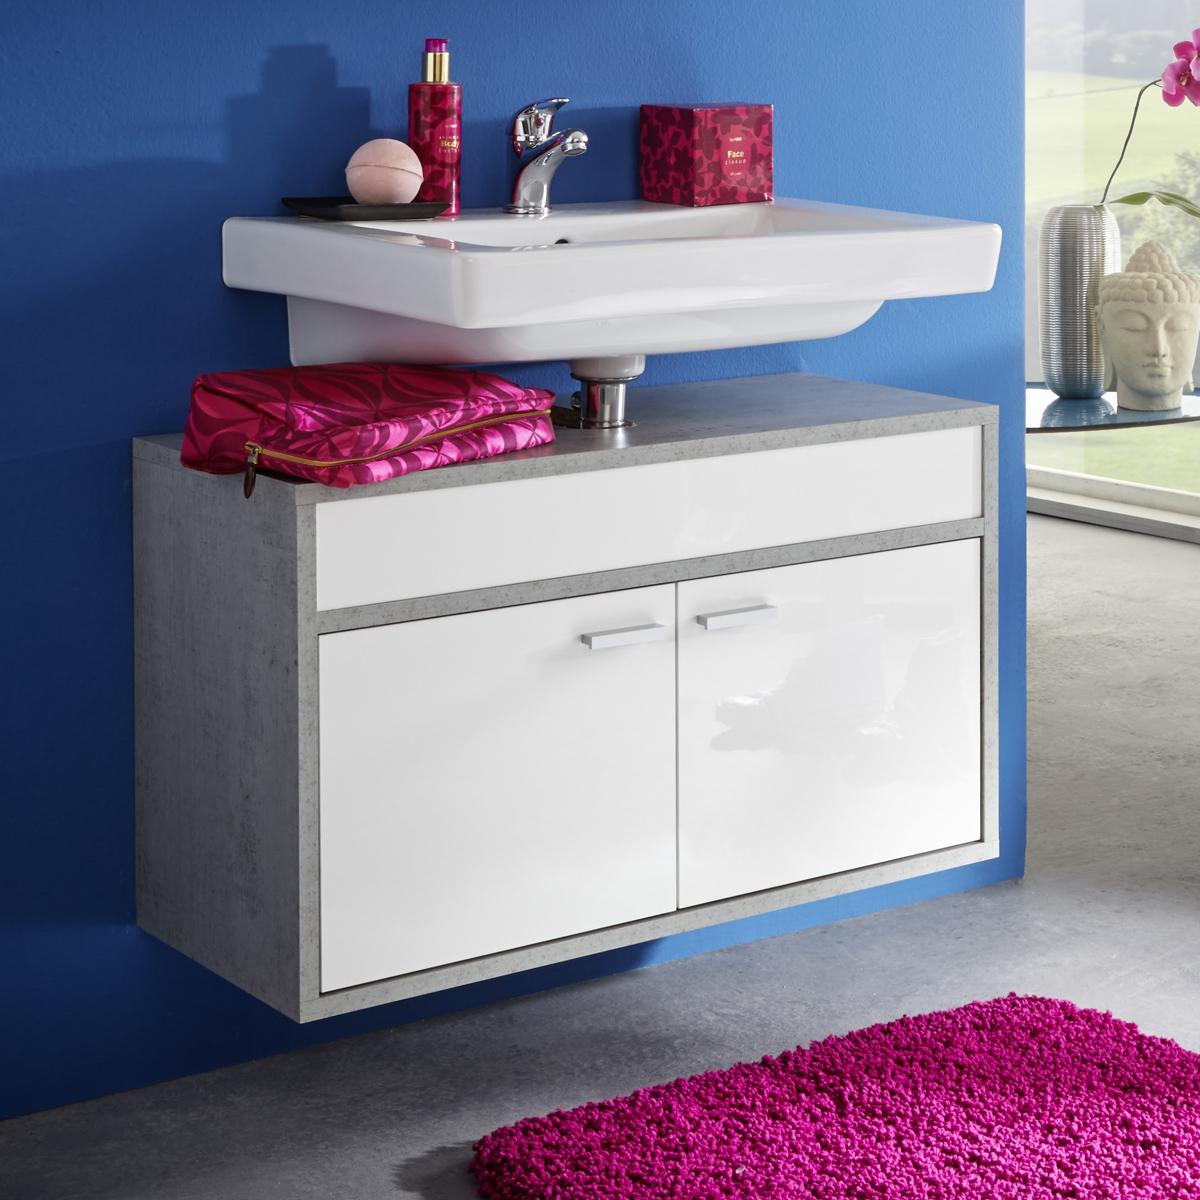 waschbeckenunterschrank spa wei und glanz beton industry badm bel badschrank. Black Bedroom Furniture Sets. Home Design Ideas